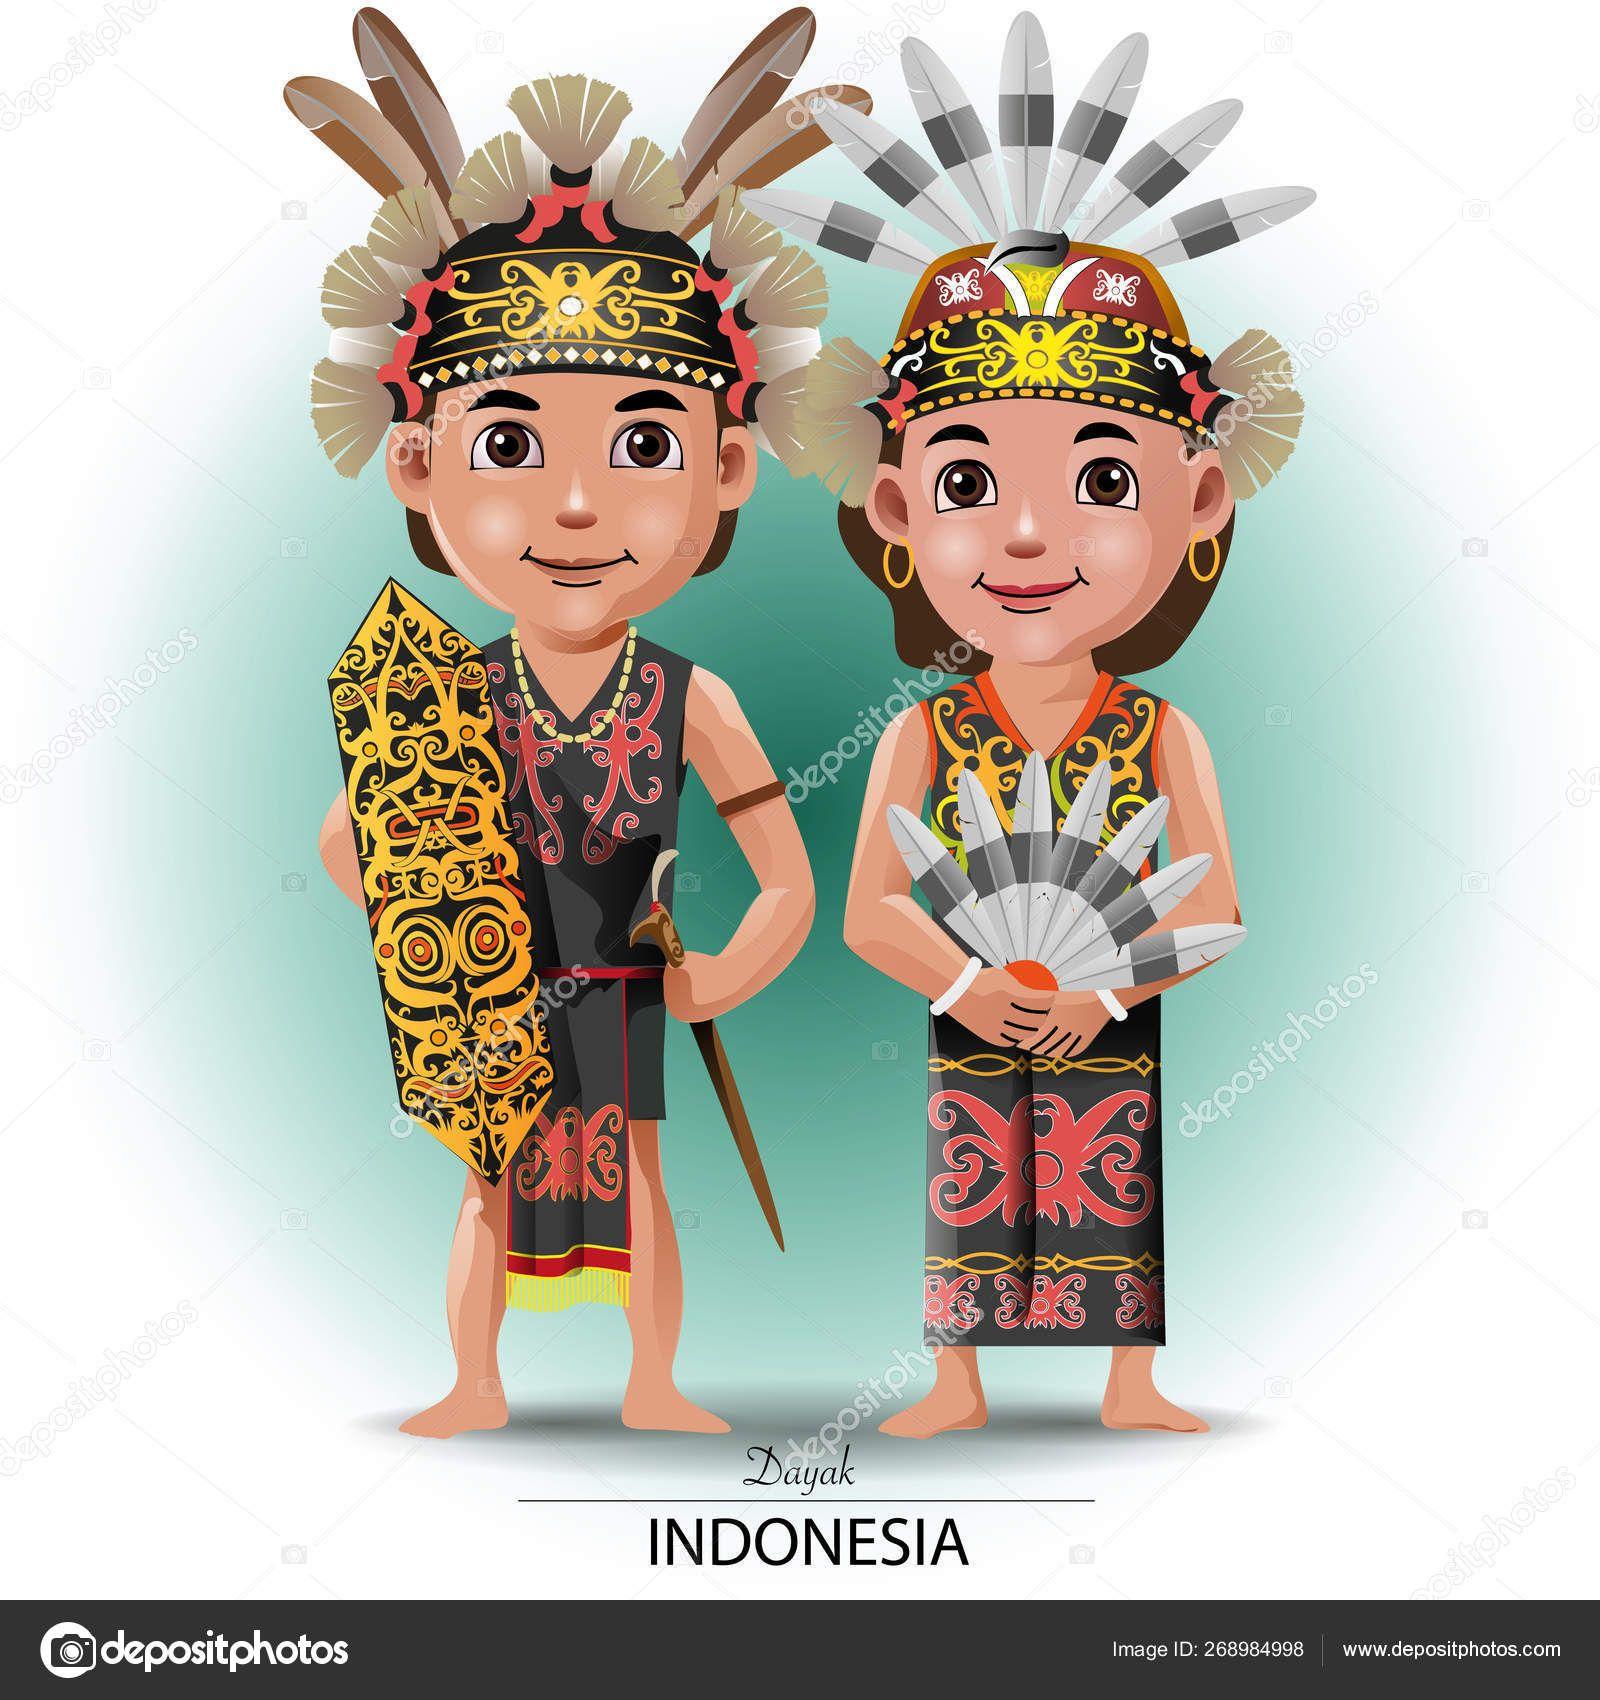 Pakaian Adat Tradisional Kalimantan Selatan